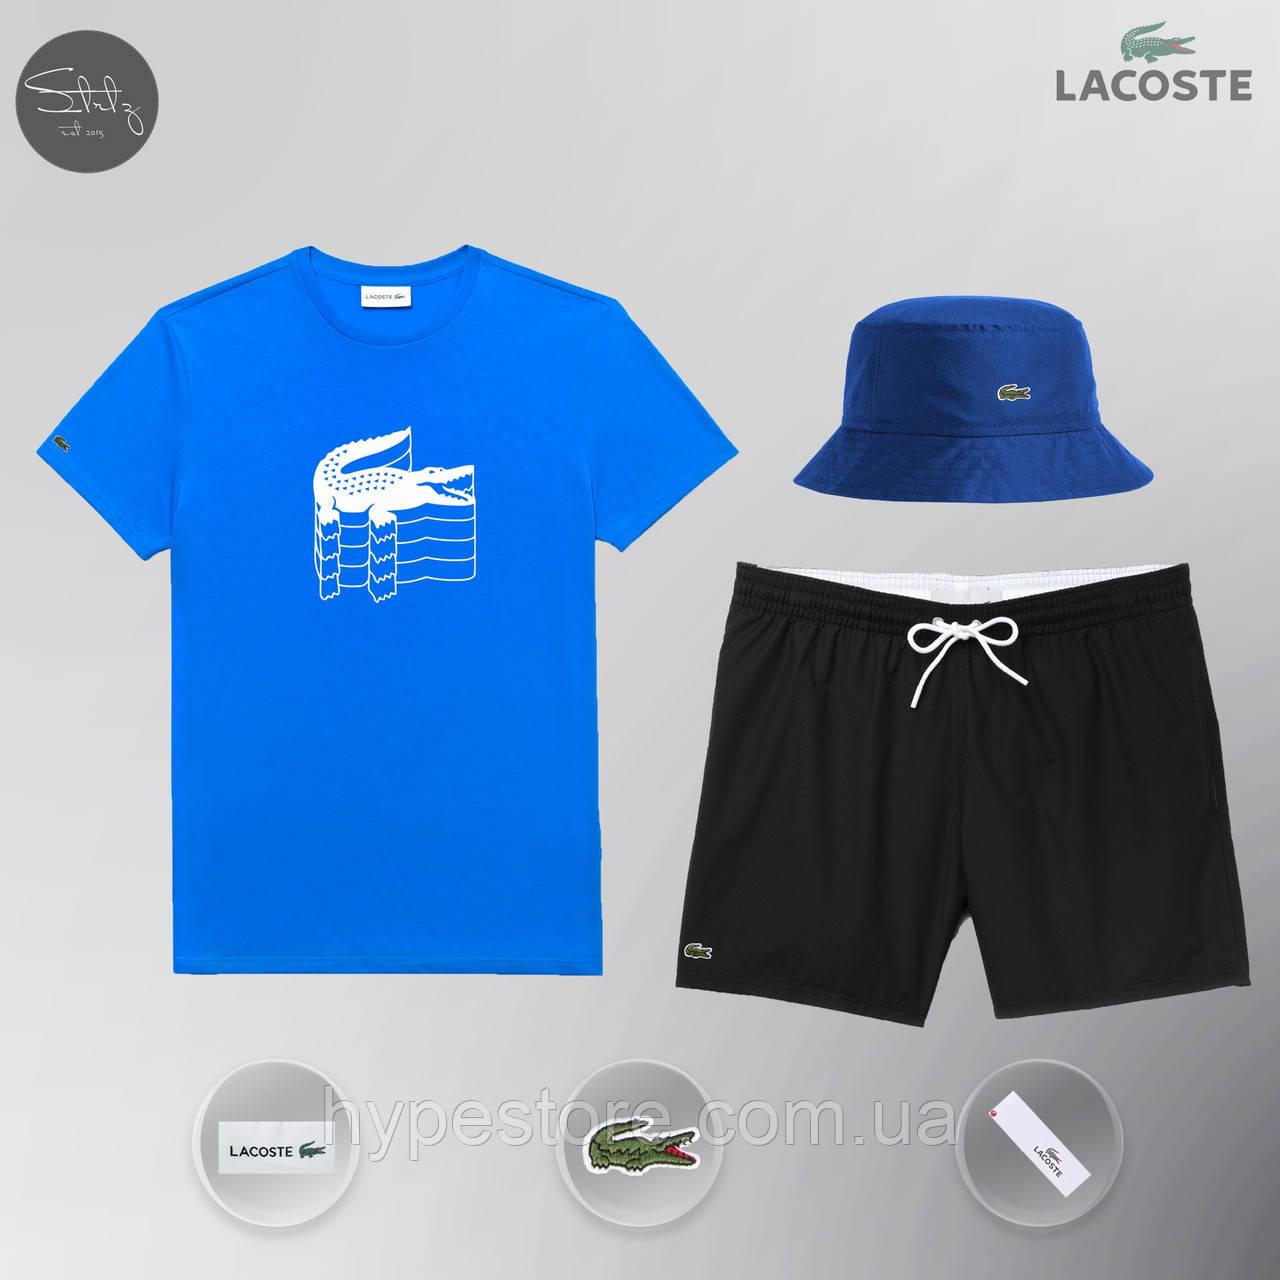 Мужской спортивный костюм, пляжный комплект Lacoste Flesh, шорты+футболка, панама, Реплика